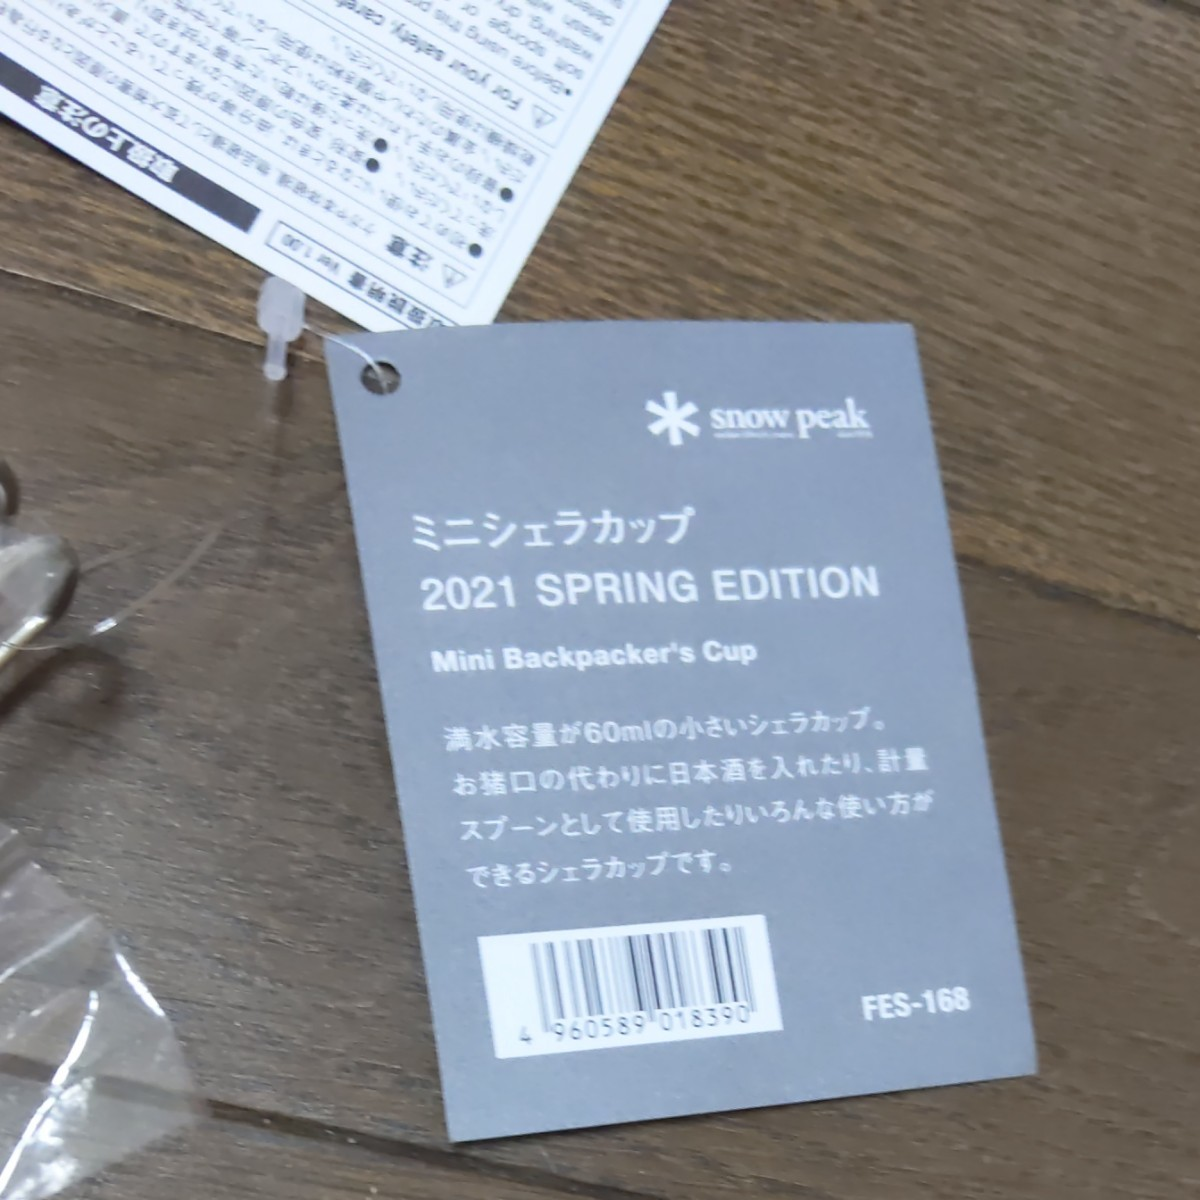 スノーピーク ミニ シェラカップ 雪峰祭 限定品